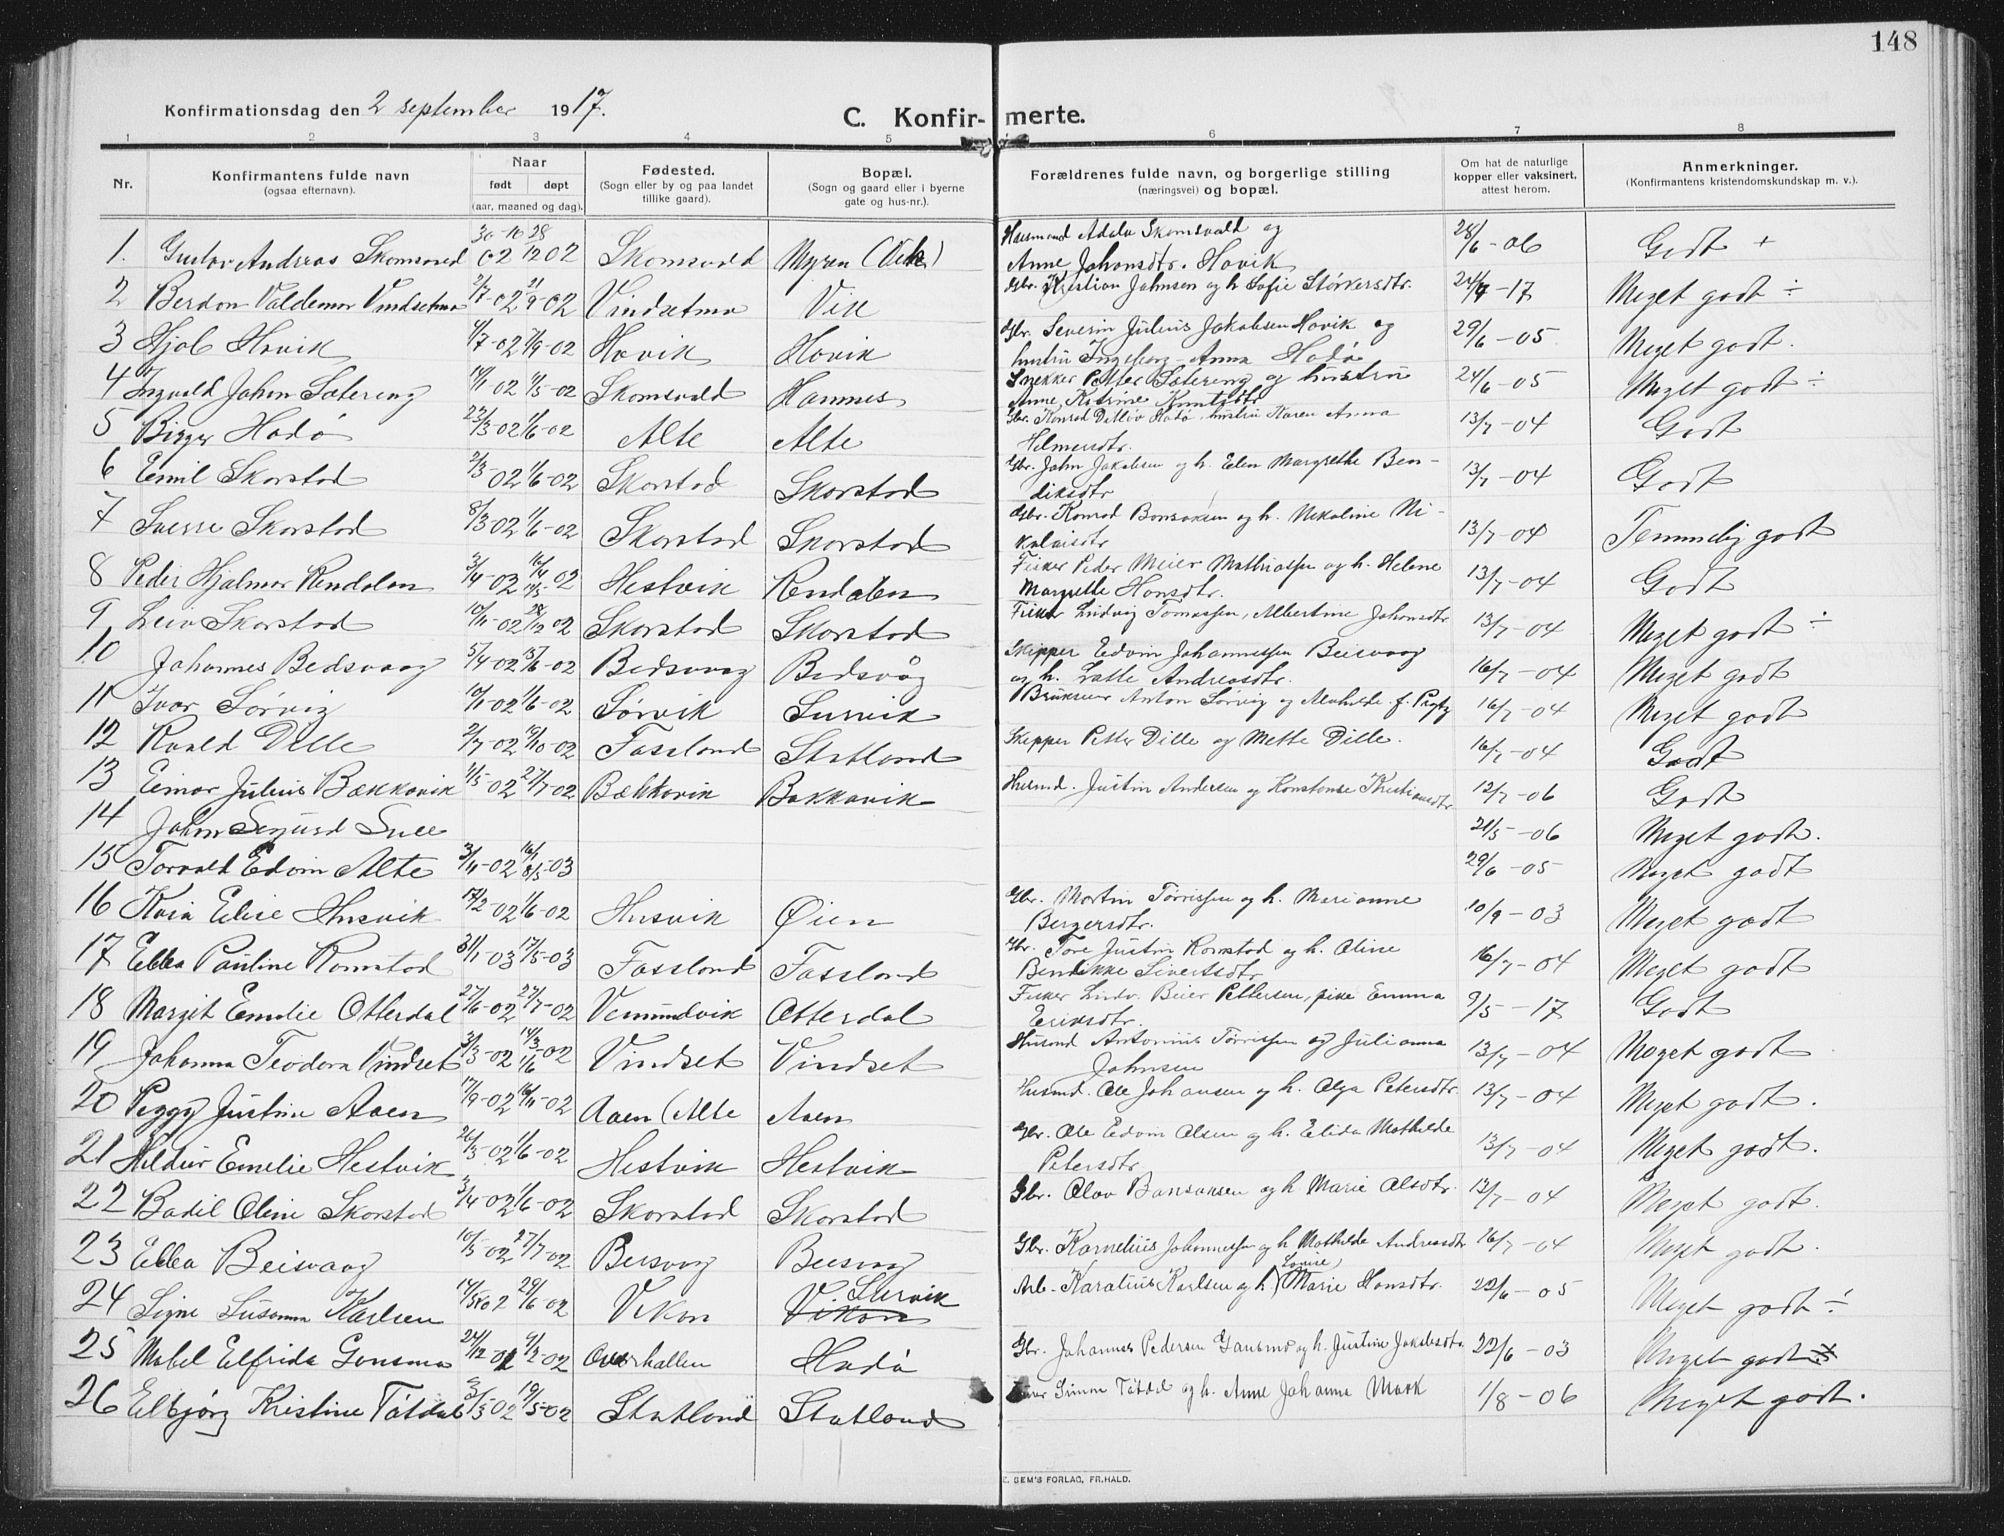 SAT, Ministerialprotokoller, klokkerbøker og fødselsregistre - Nord-Trøndelag, 774/L0630: Klokkerbok nr. 774C01, 1910-1934, s. 148